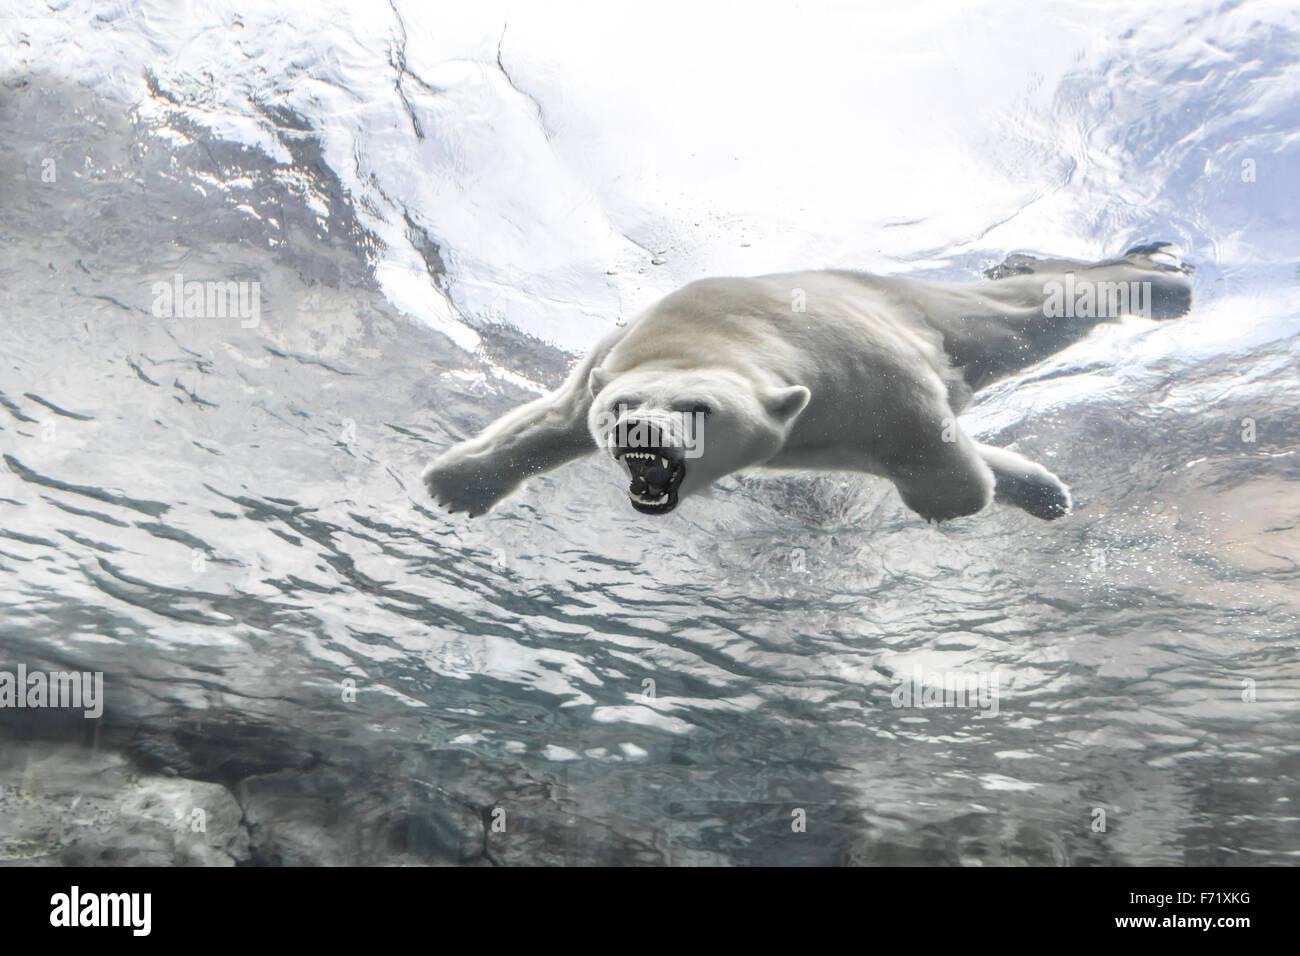 Oso Polar agresivos, nadar en el viaje a Churchill, Assiniboine Park Zoo, Winnipeg, Manitoba, Canadá Imagen De Stock